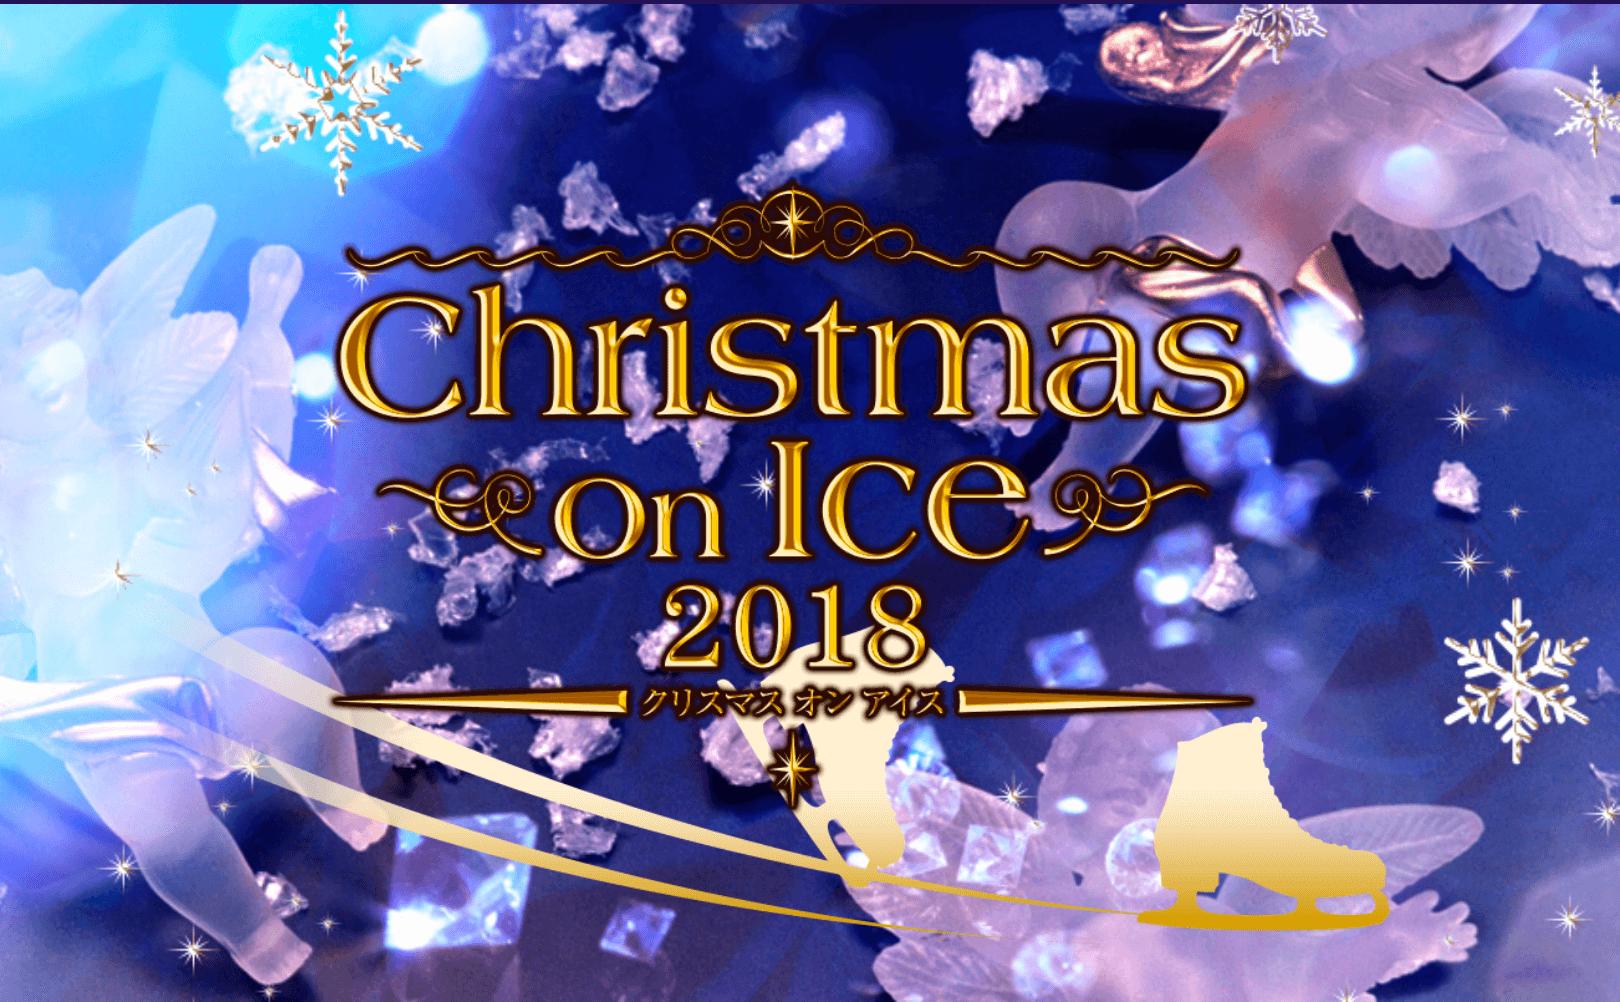 クリスマスオンアイスが今年も開催決定!